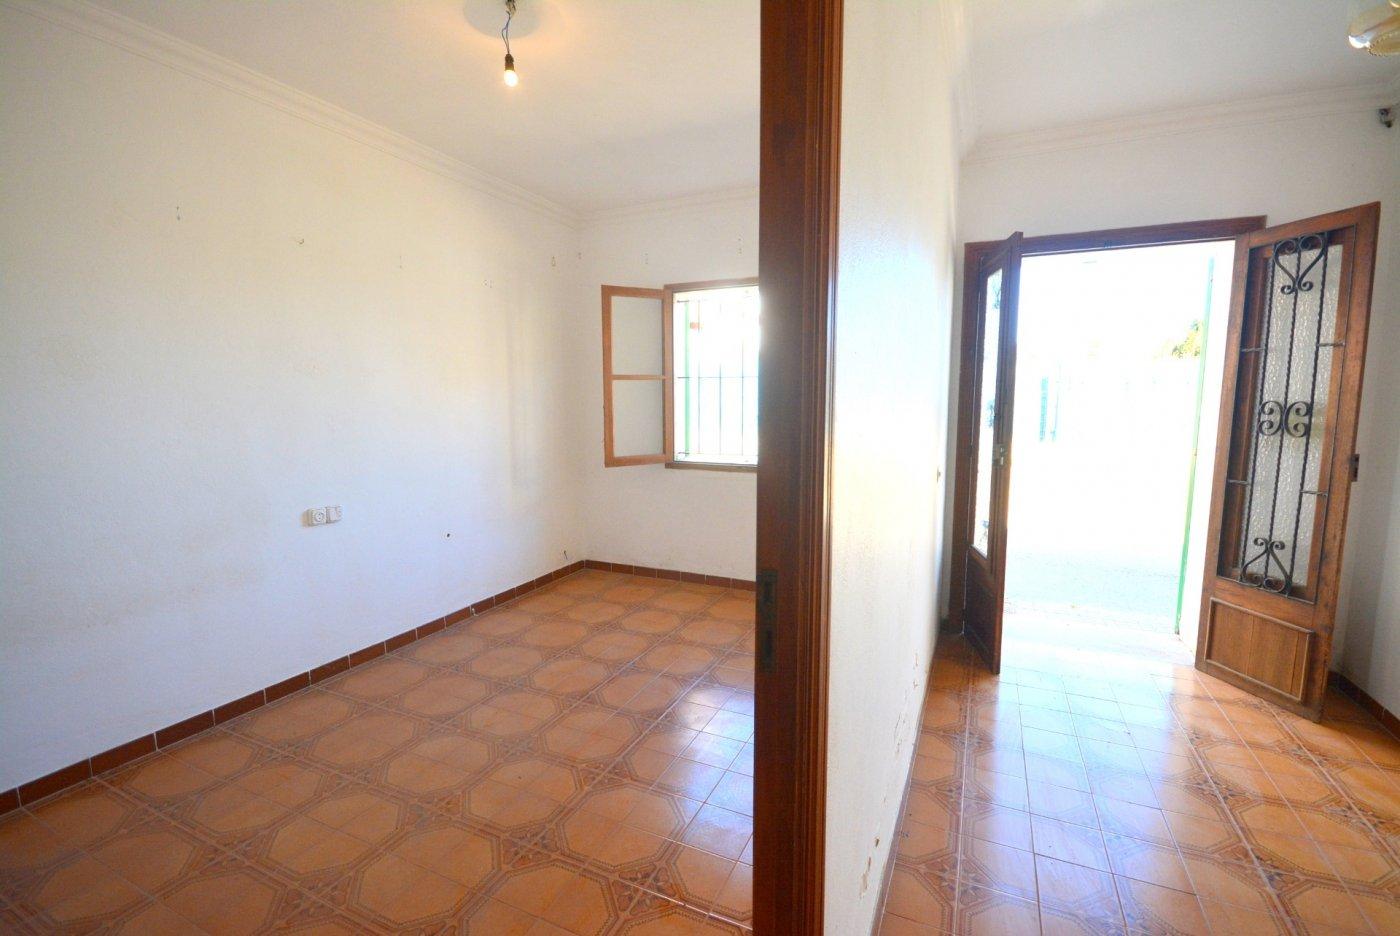 Casa techo libre con terreno de 385m2, zona santa maría - imagenInmueble23